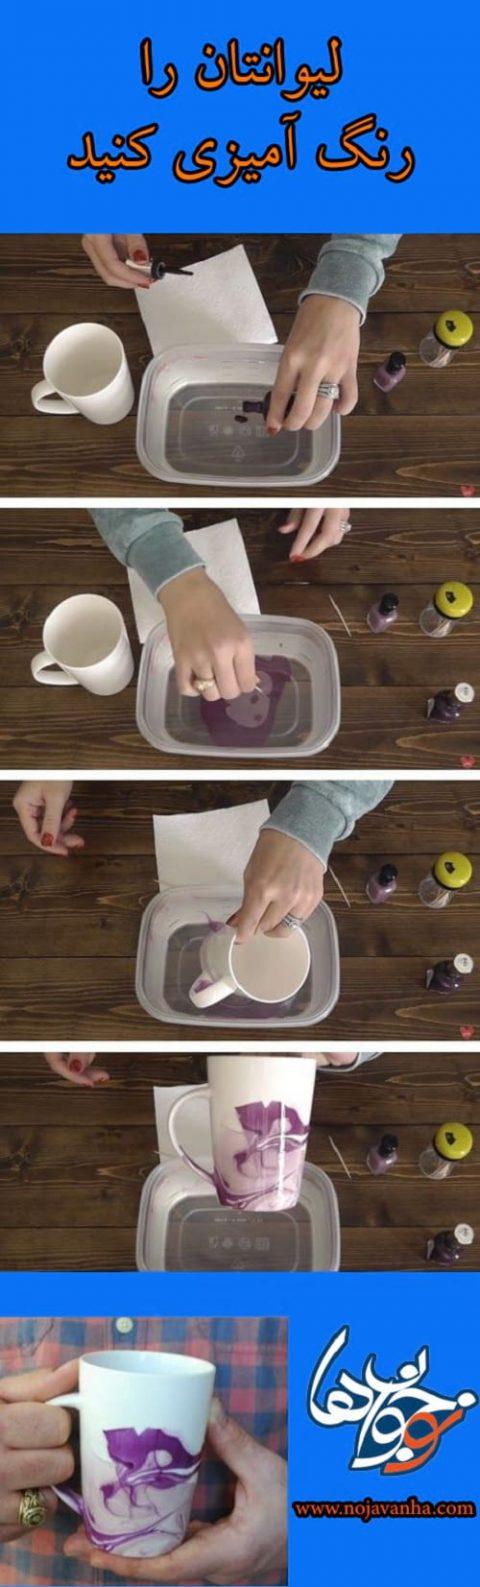 لیوانتان را رنگ آمیزی کنید!